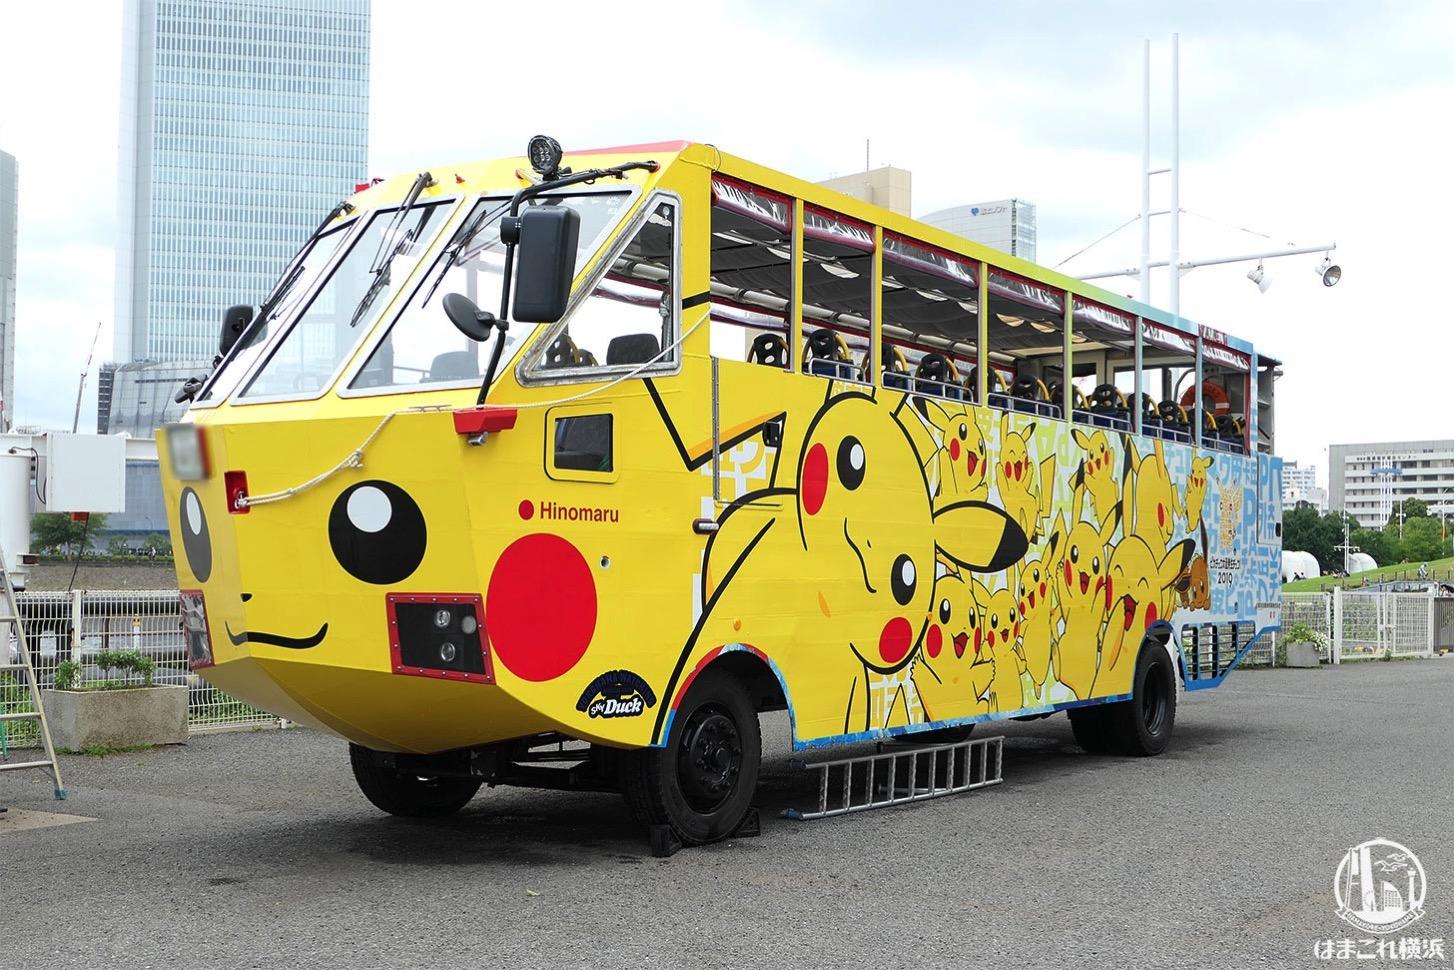 2019年も水陸両用バス「スカイダック」のピカチュウ可愛い!ピカチュウ大量発生